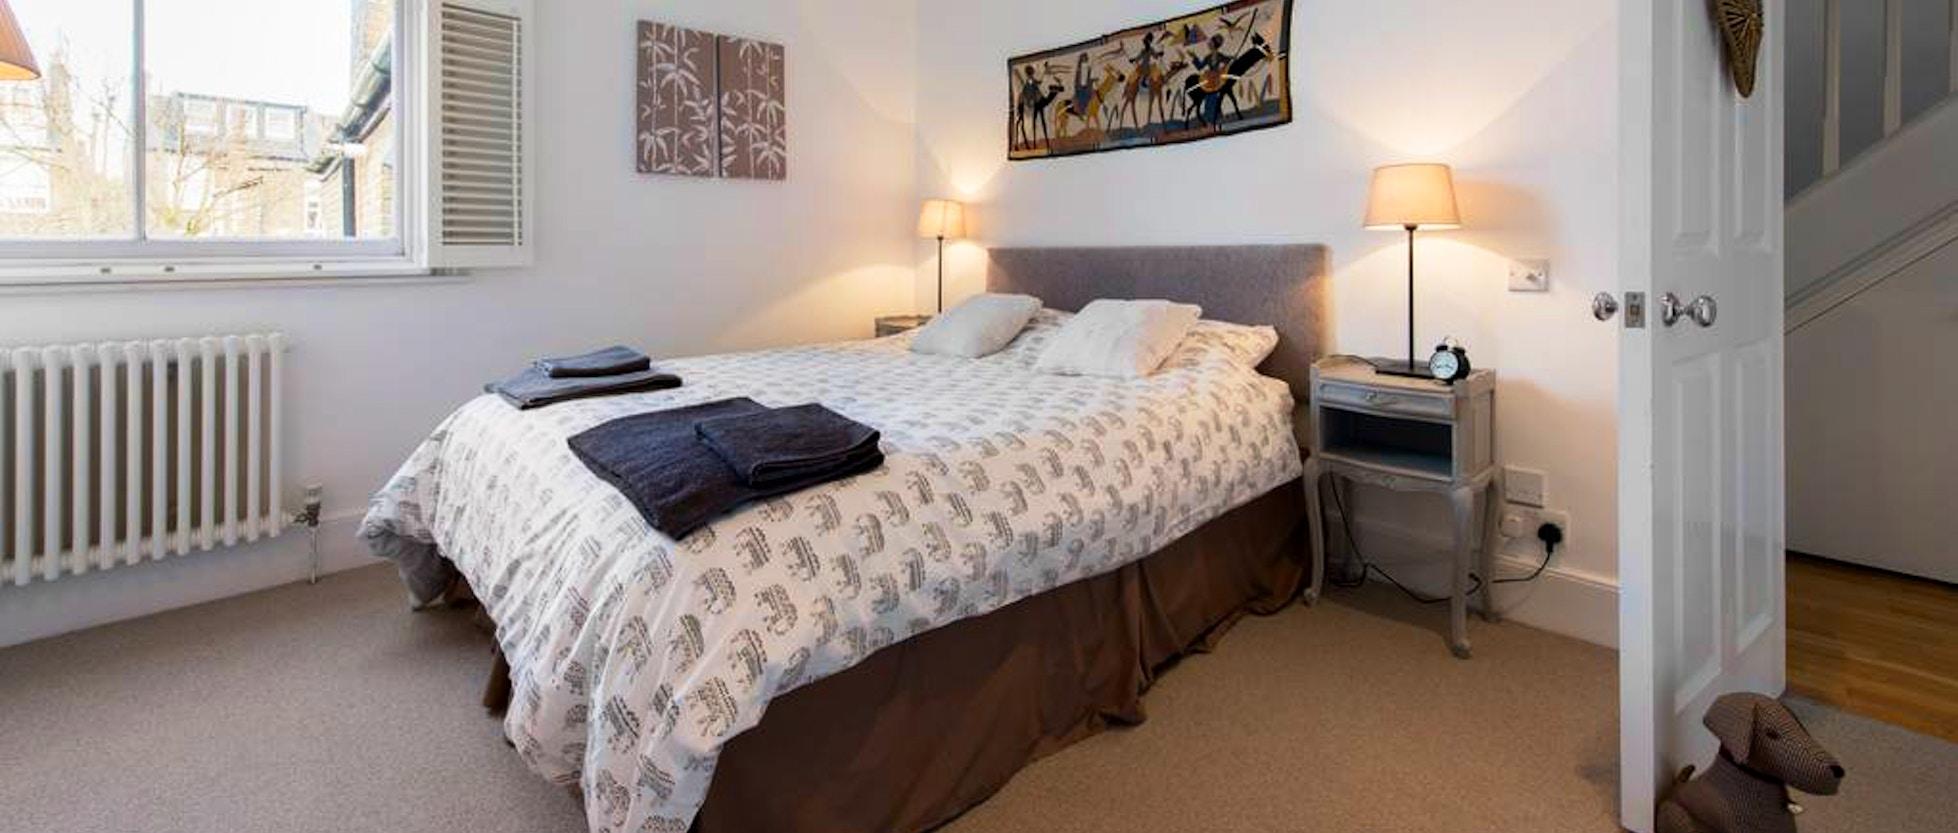 B&B a Notting Hill: Prenotare con Airbnb a Londra | VIVI Londra